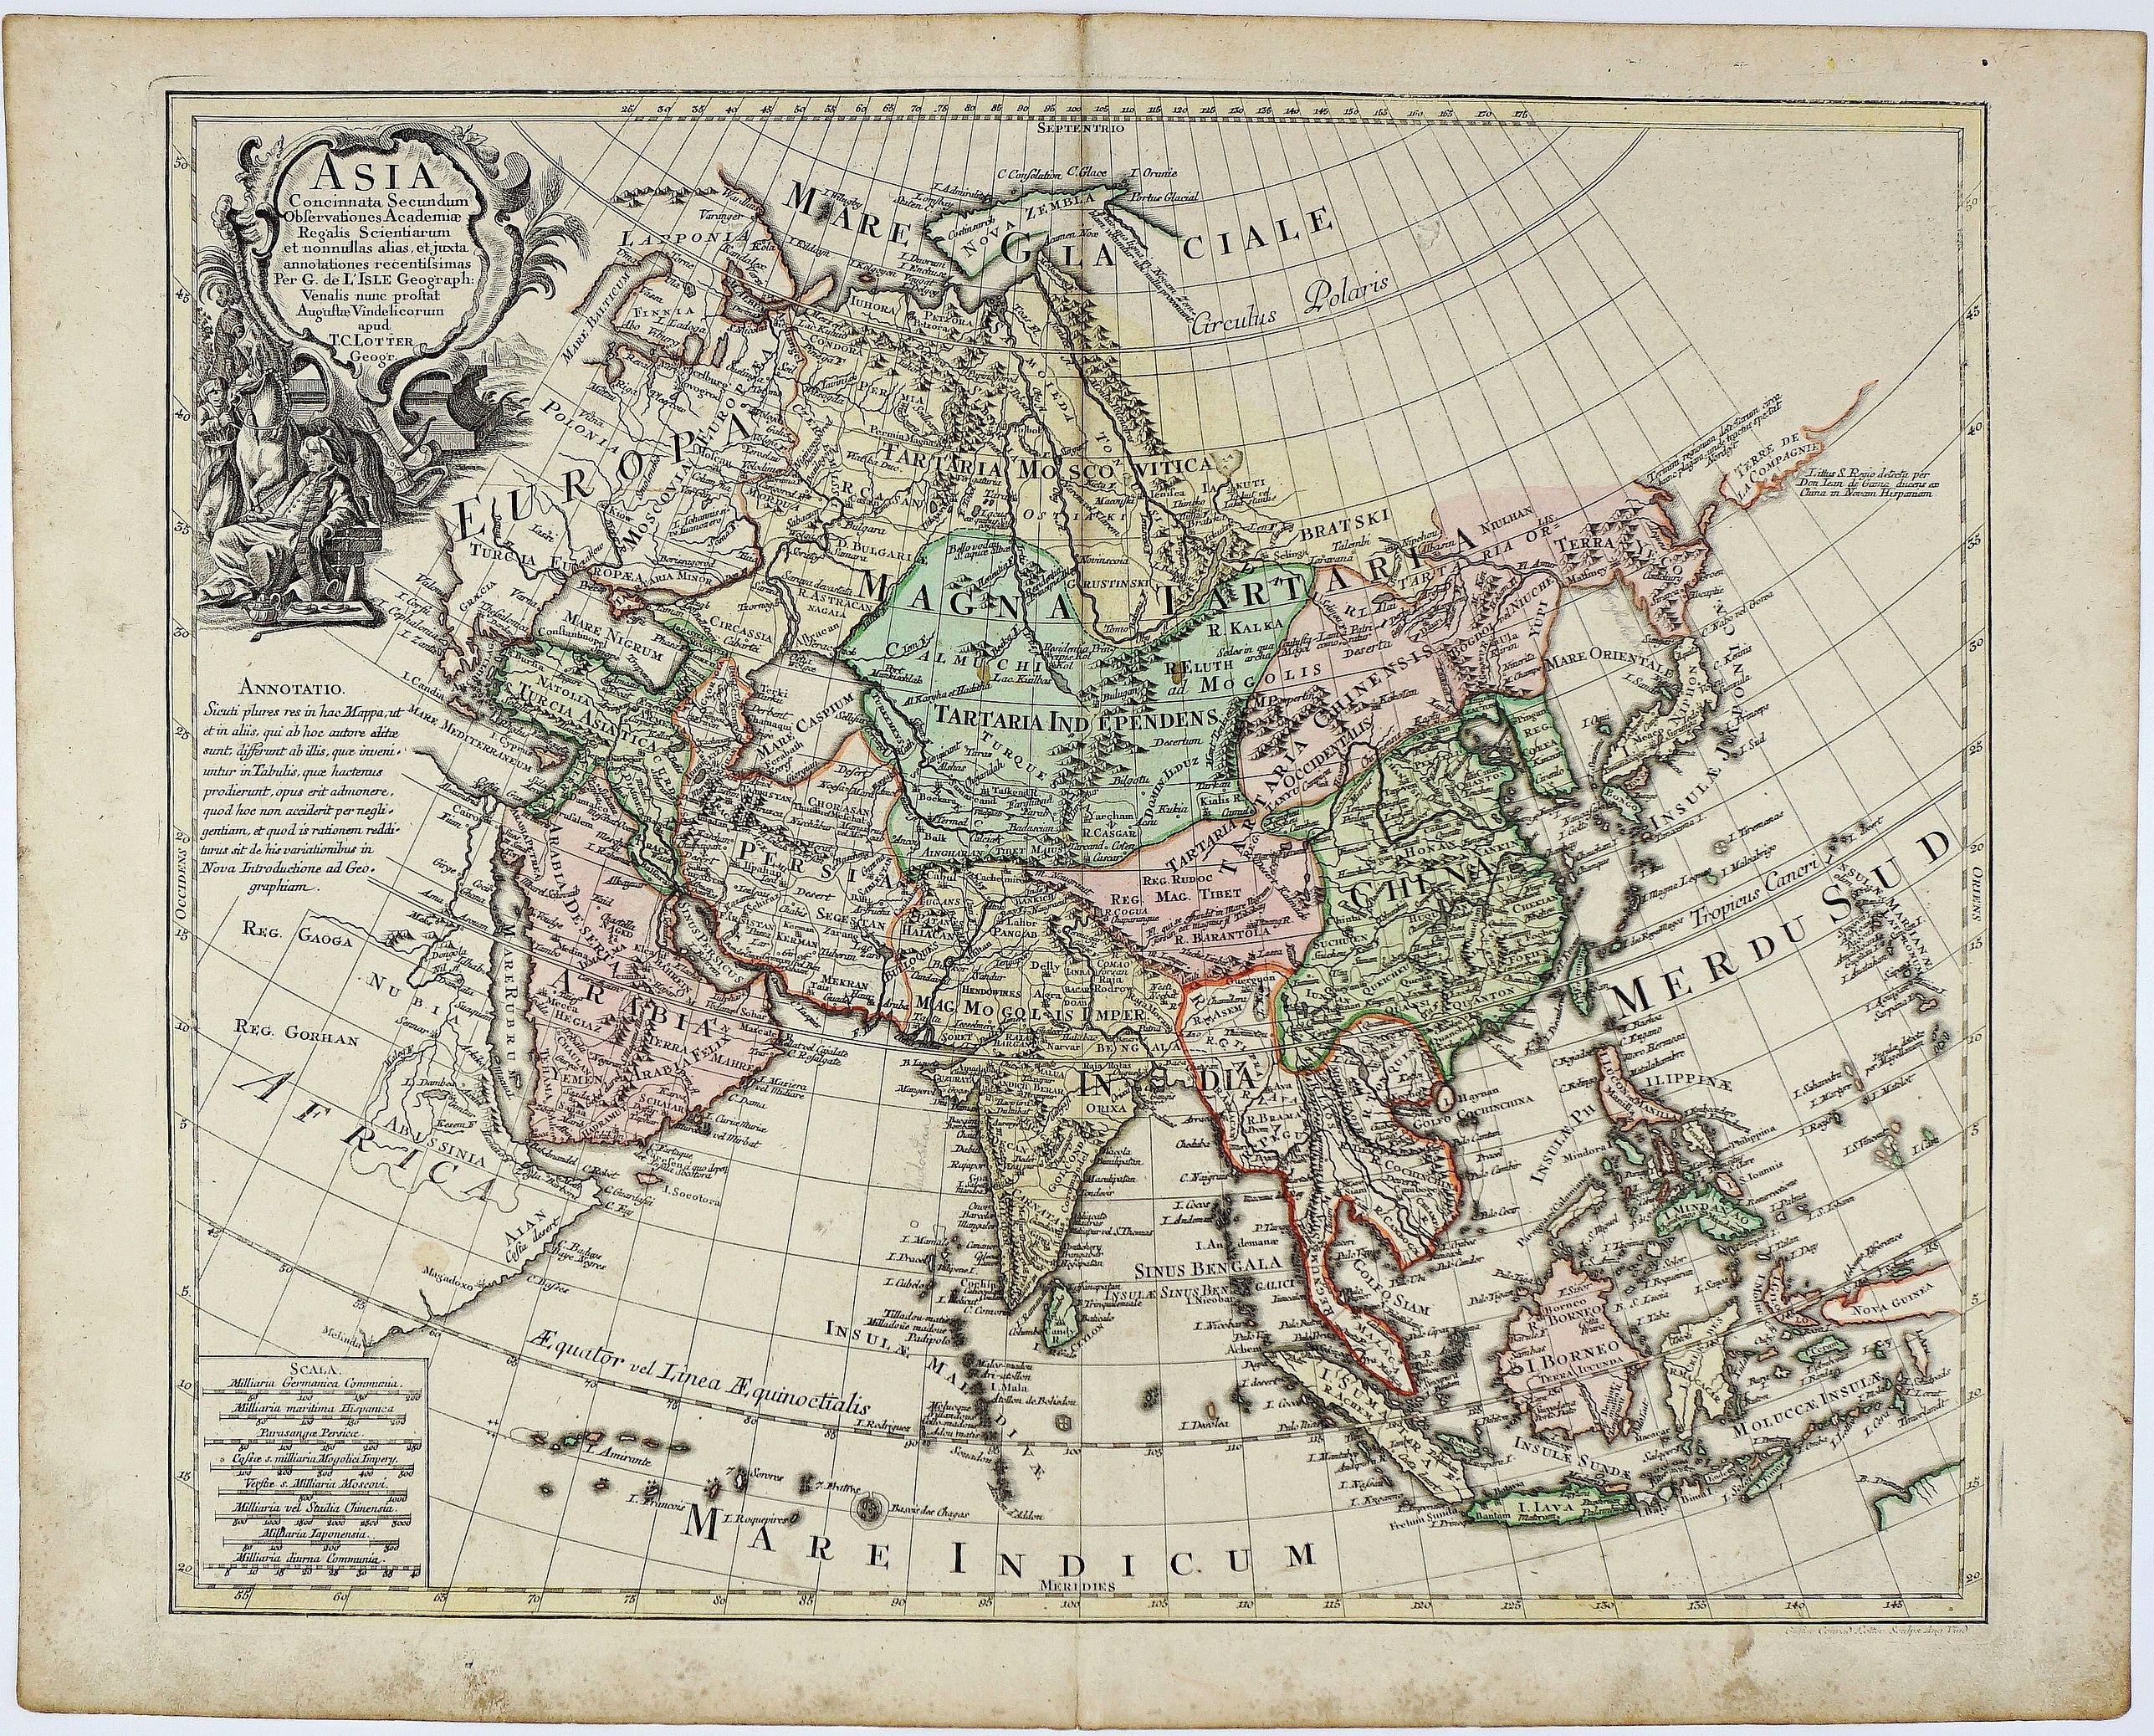 LOTTER, T.C. - Asia Concinnata Secundum Observationes Academiae Regalis Scientiarum. . .